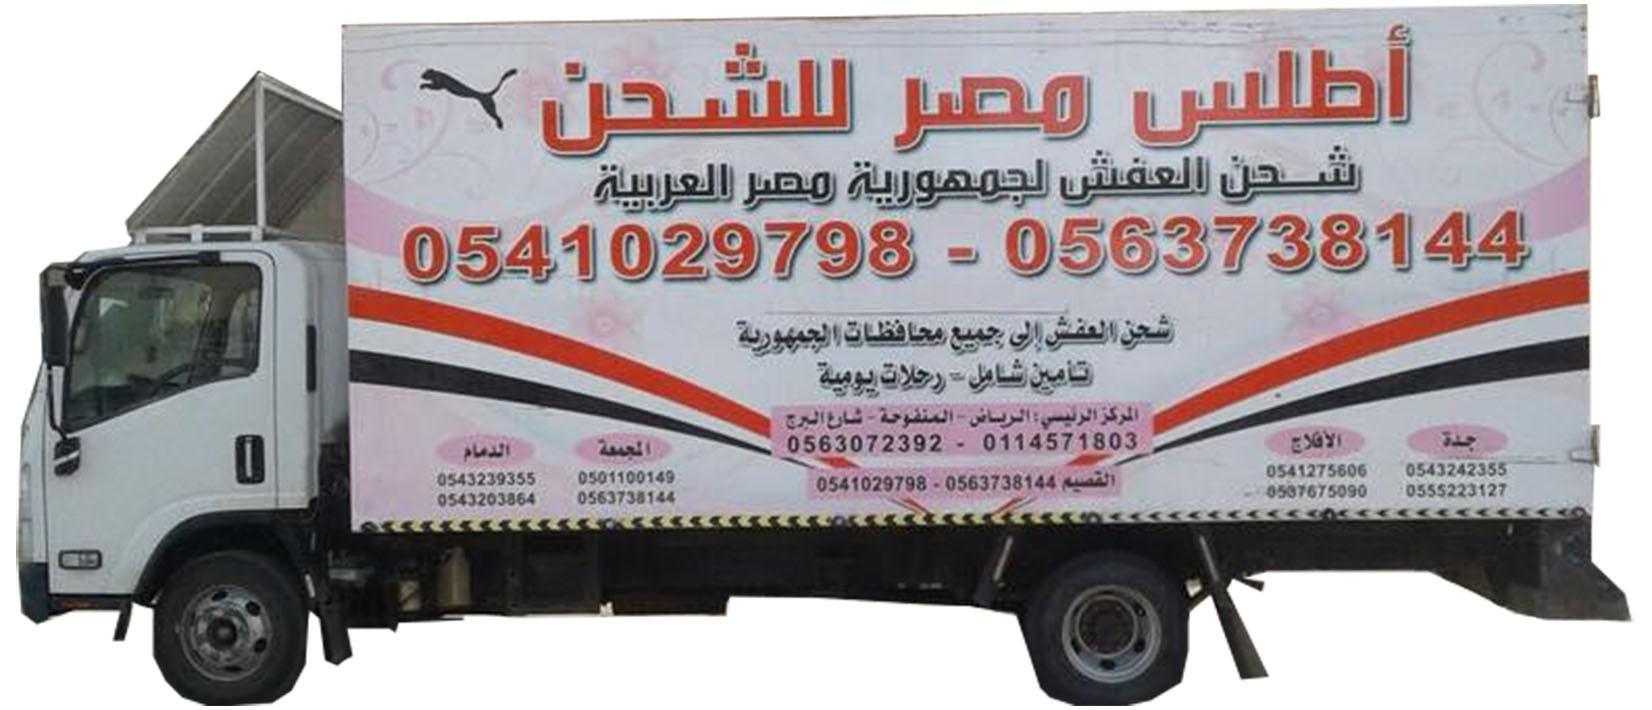 شركة اطلس الدولي لمصر والشحن الداخلي ونقل العفش 0545152579